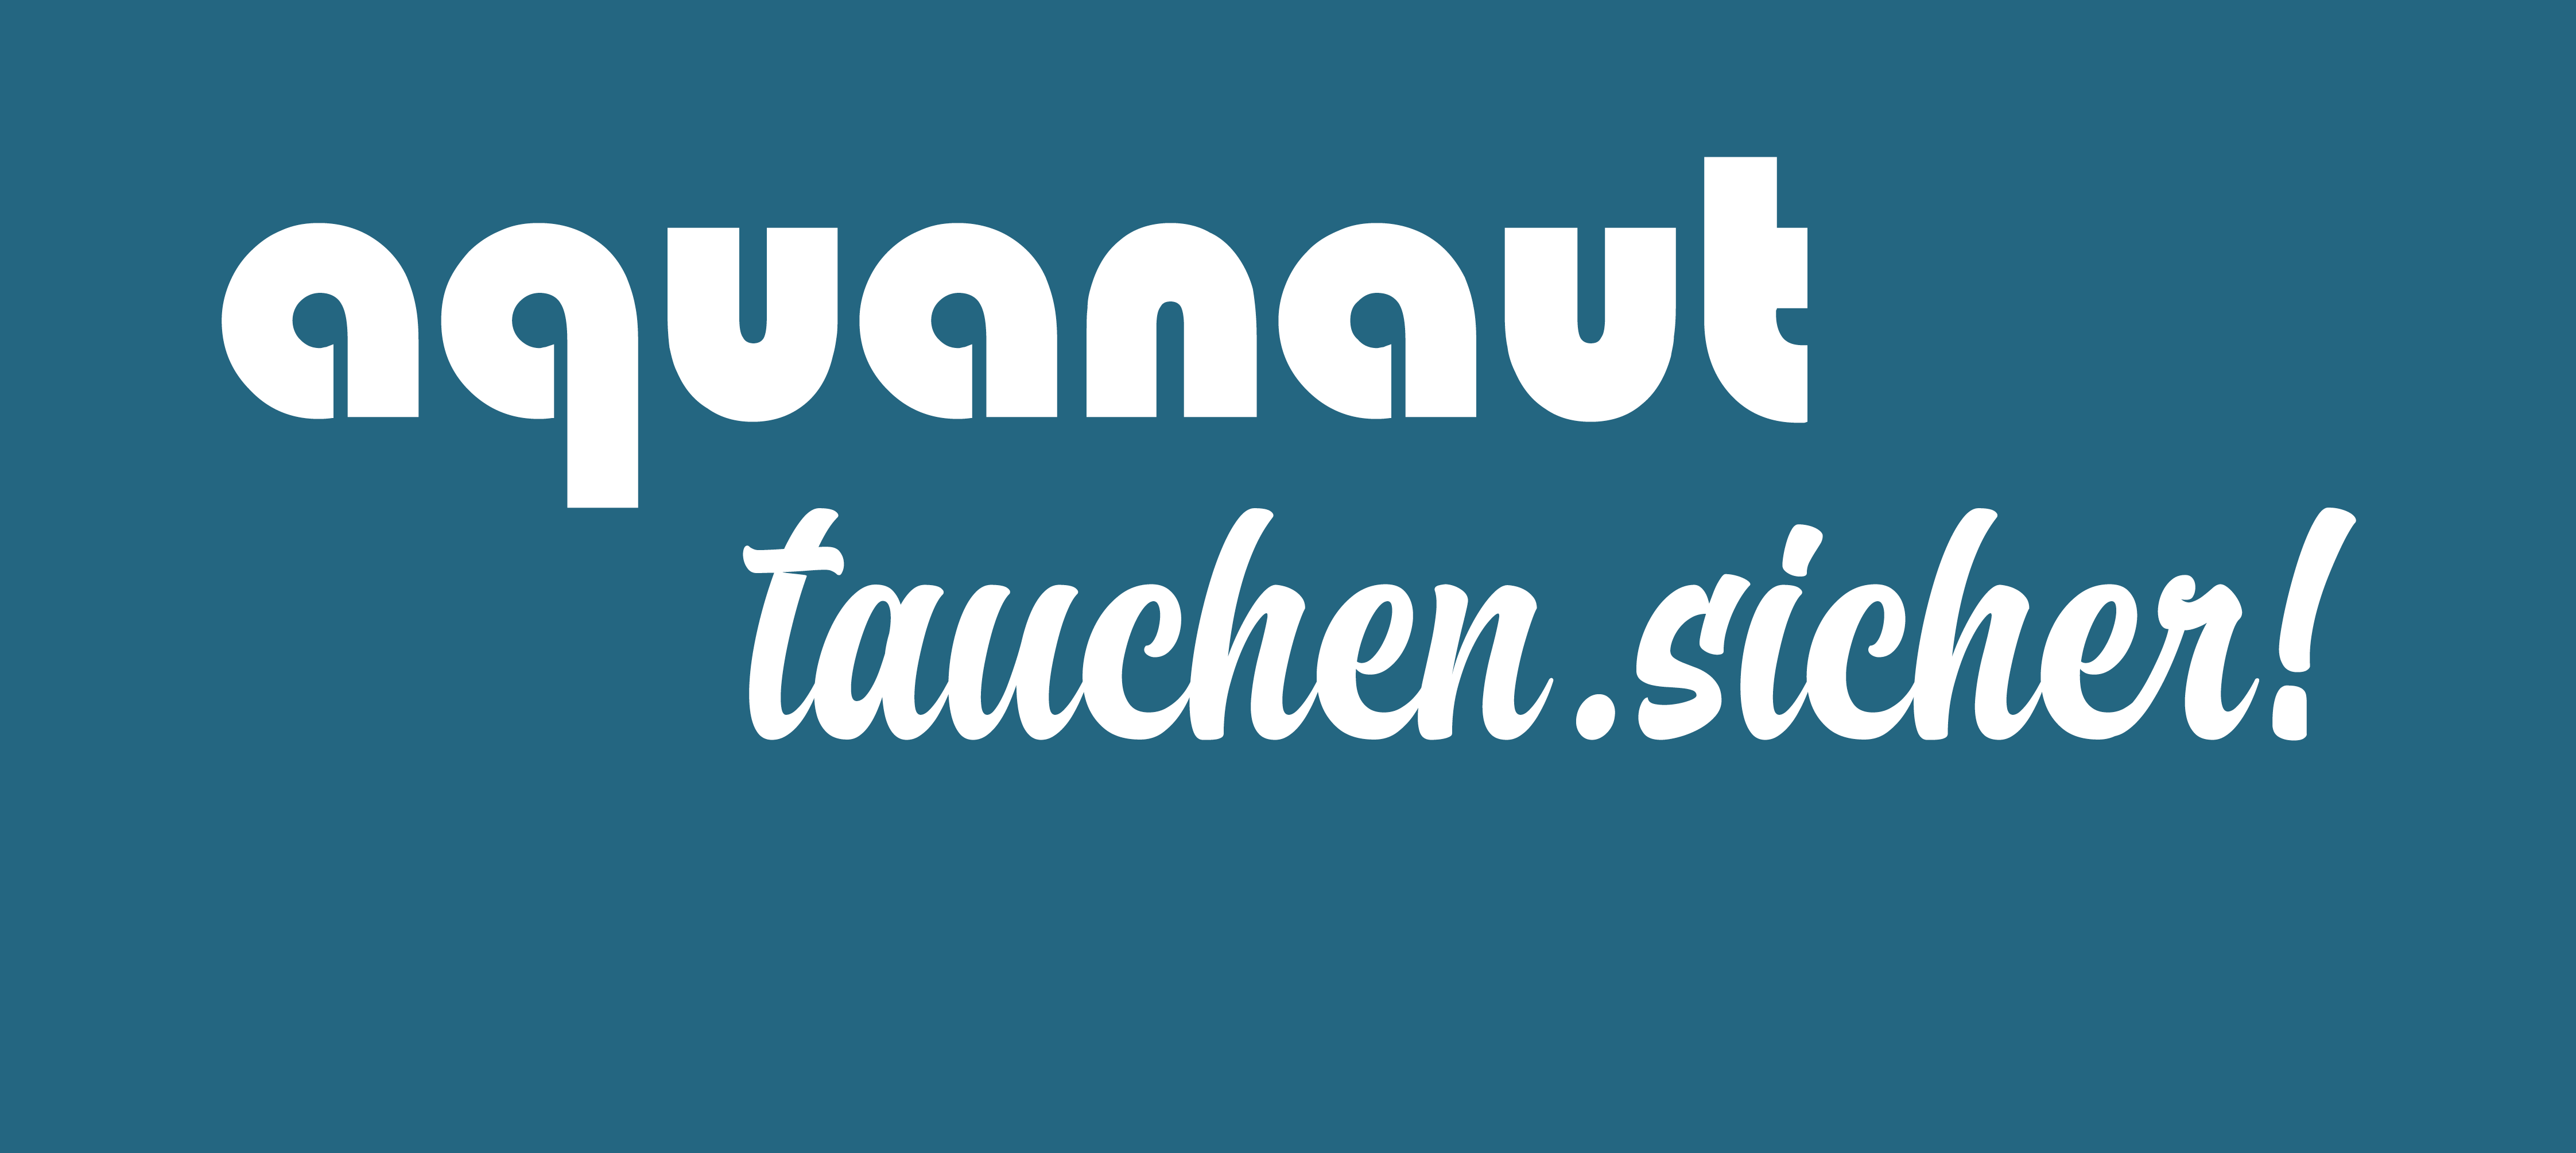 hilf uns – neuer Slogan gesucht!